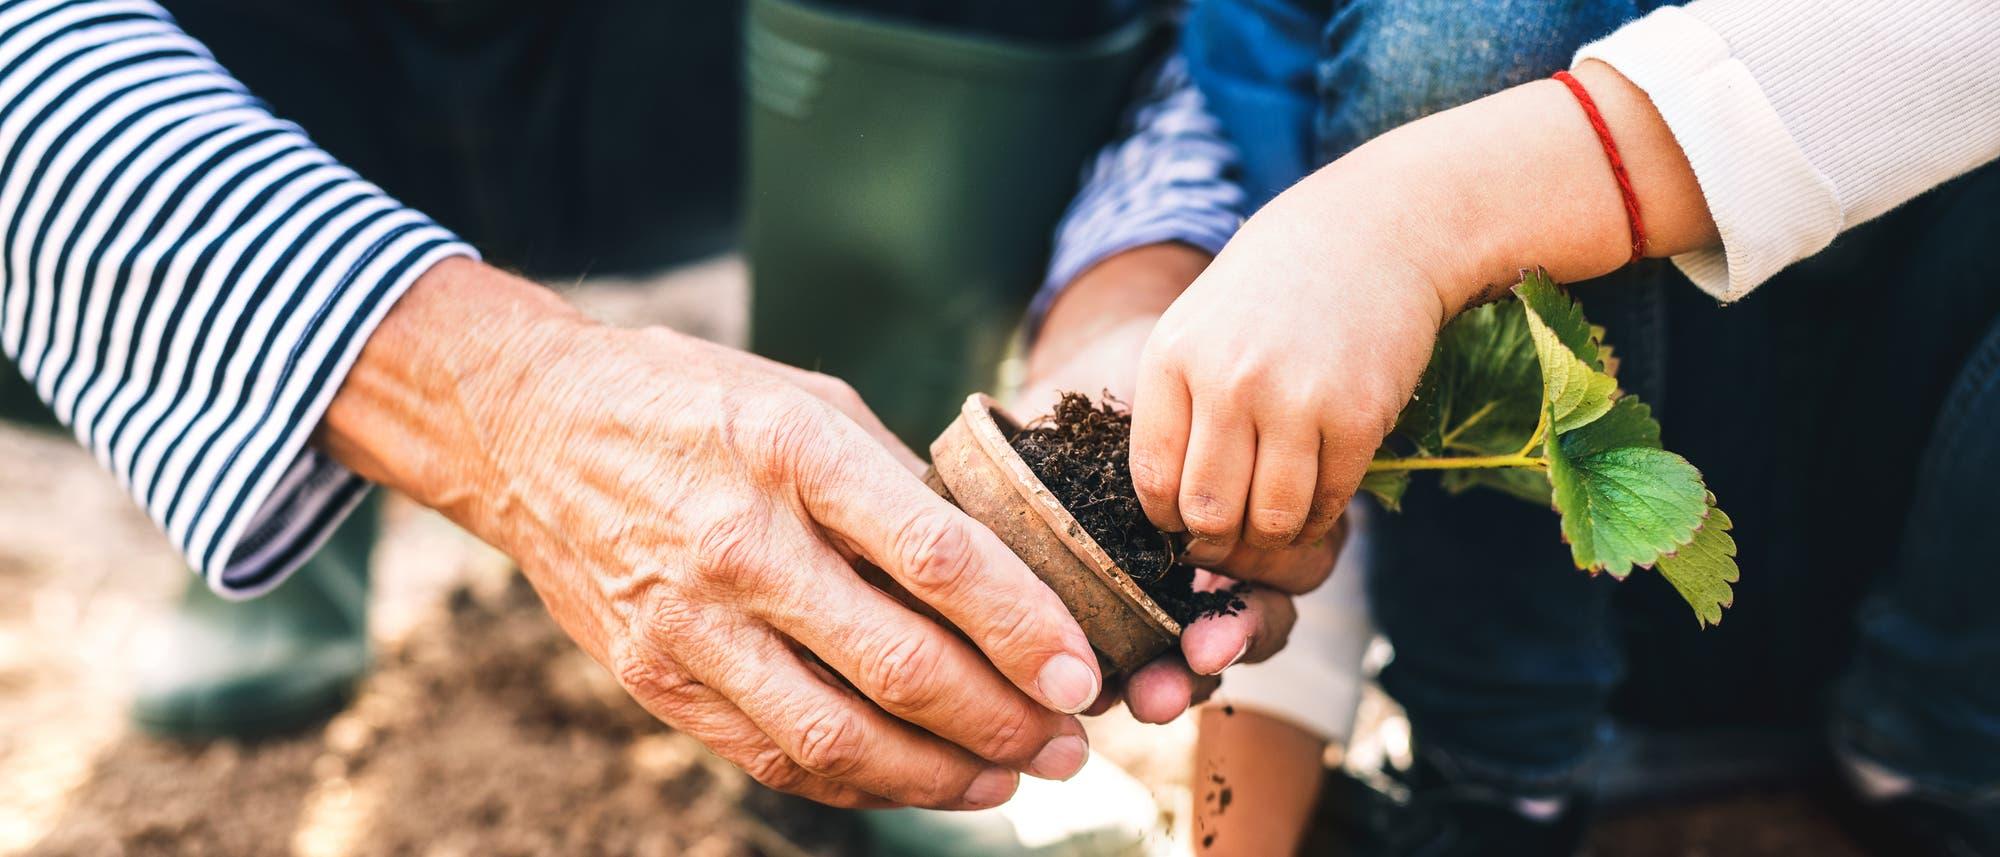 Älterer Mensch hilft Kind beim Gärtnern